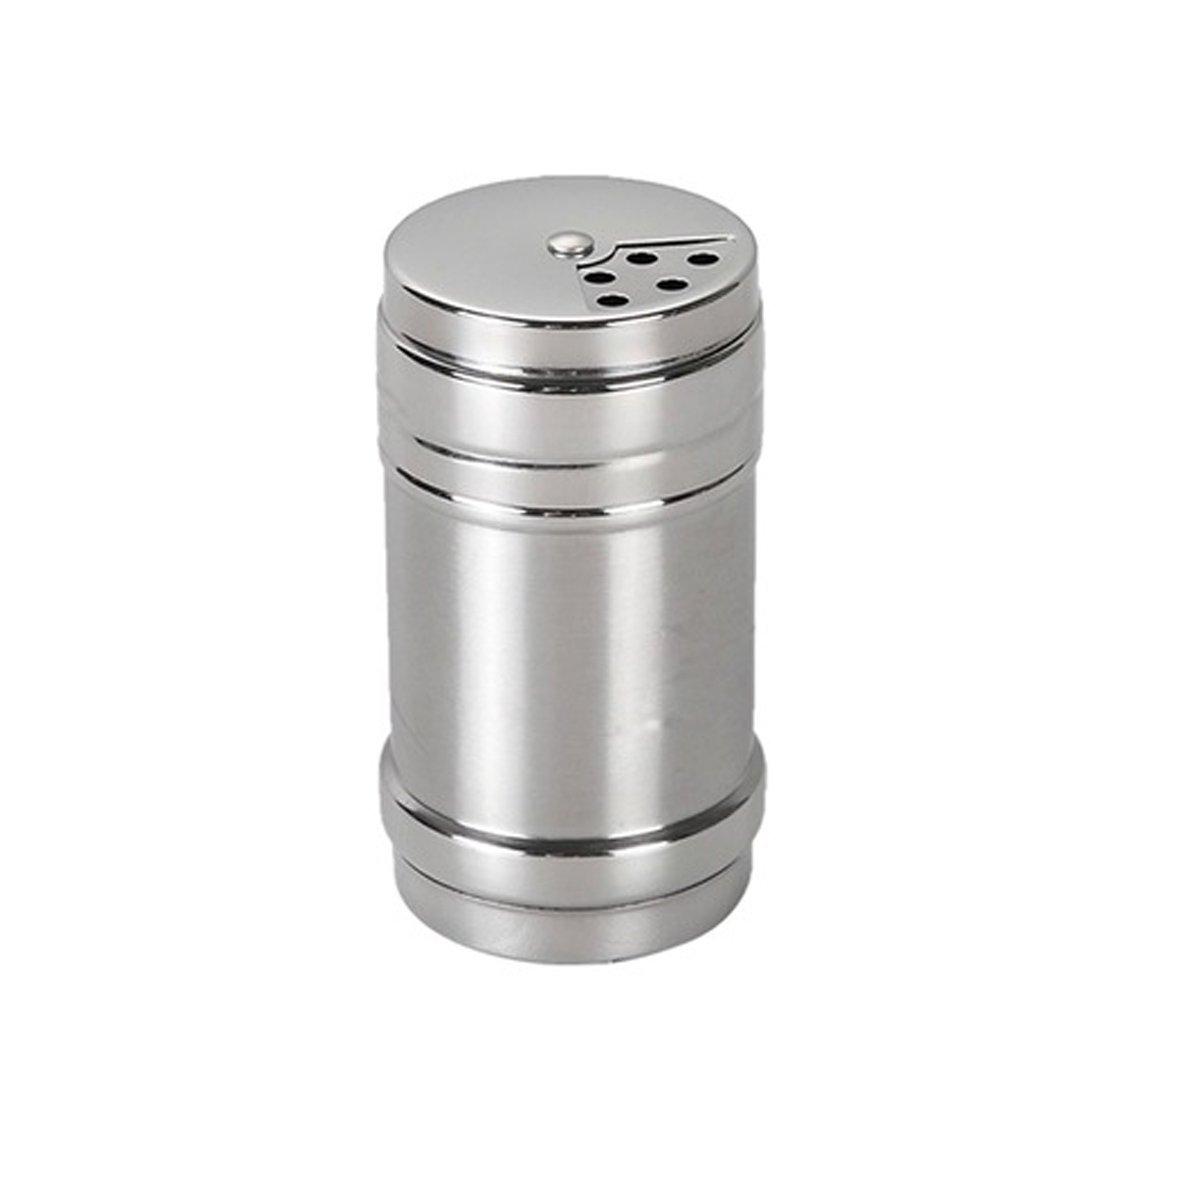 Acero inoxidable Dragado Sal Az/úcar Especias pimentero condimento latas con giratoria